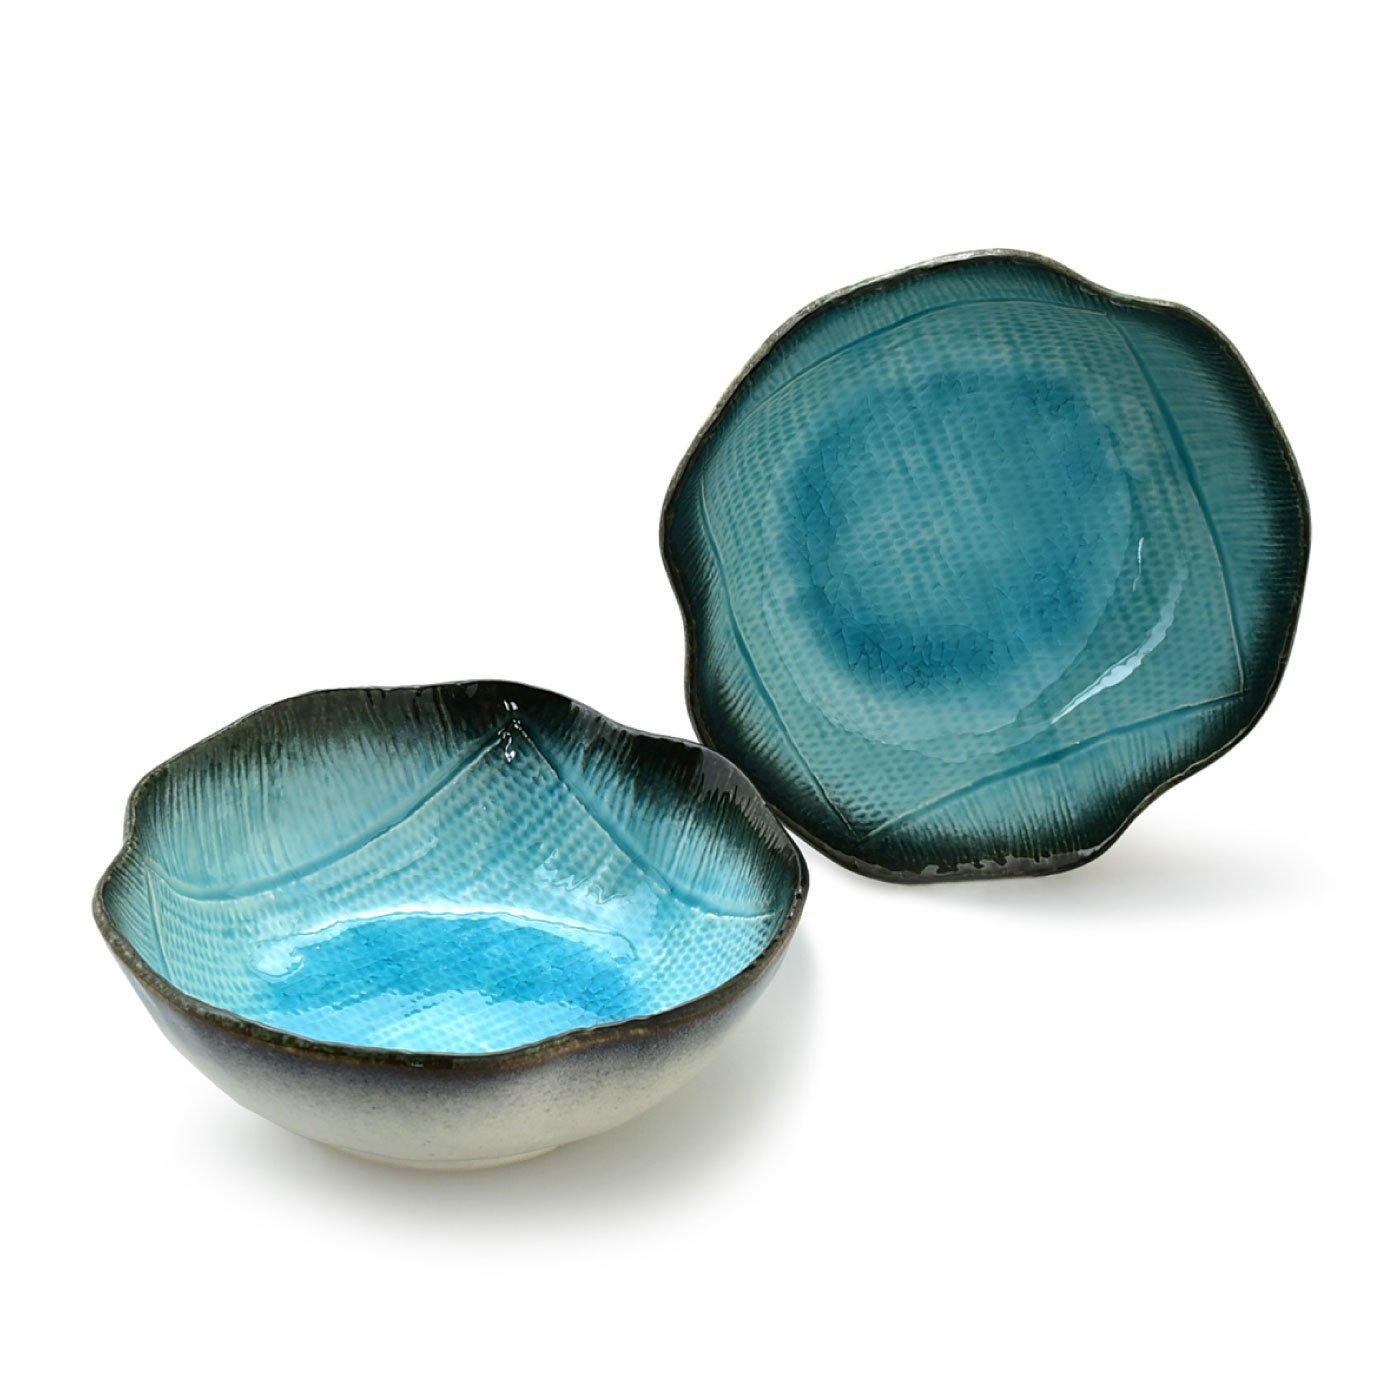 清涼なブルーが美しいうつわ湧水 奴鉢2個セット